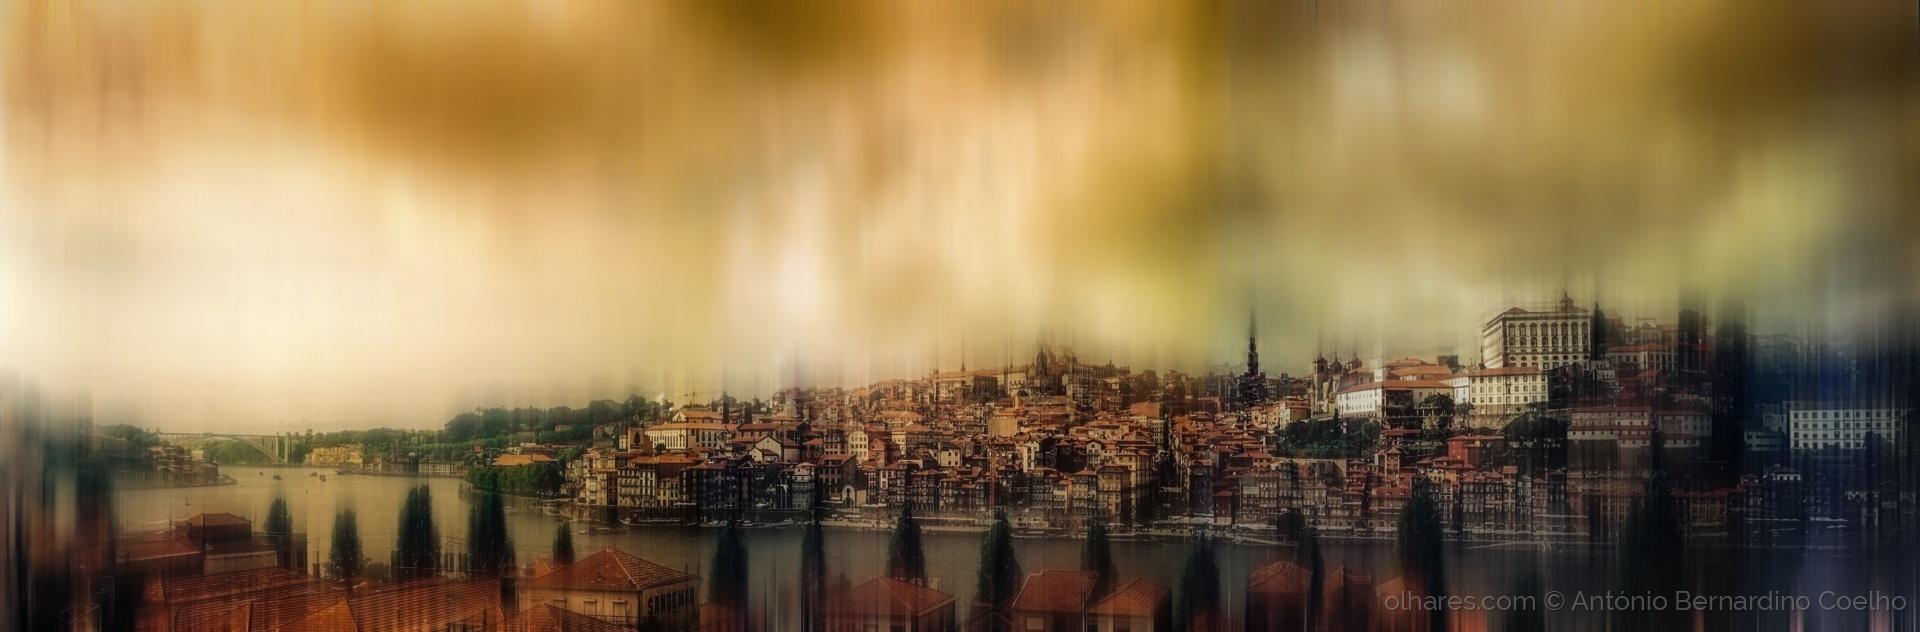 Arte Digital/Oporto (Ver em tela completa)